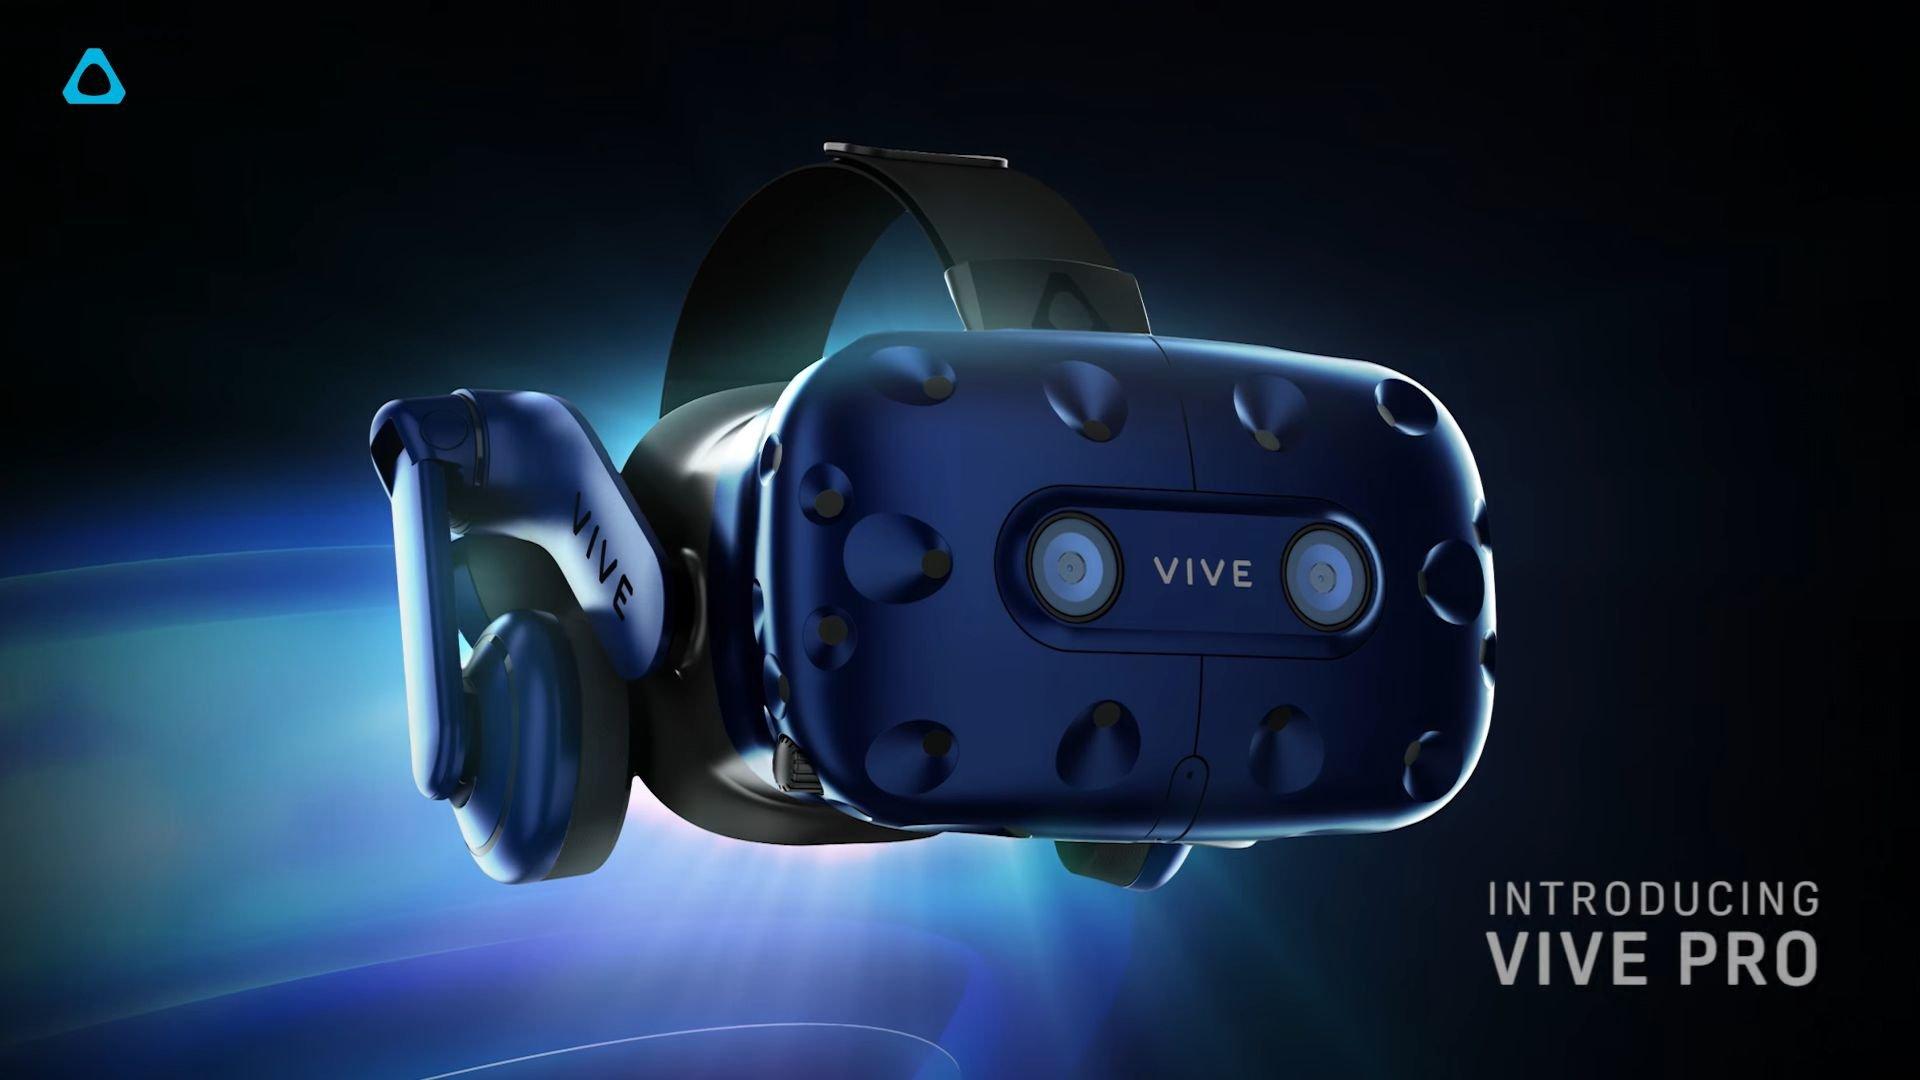 'HTC' şirkəti yenilənmiş HTC Vive Pro virtual reallıq cihazını təqdim etdi (VİDEO)